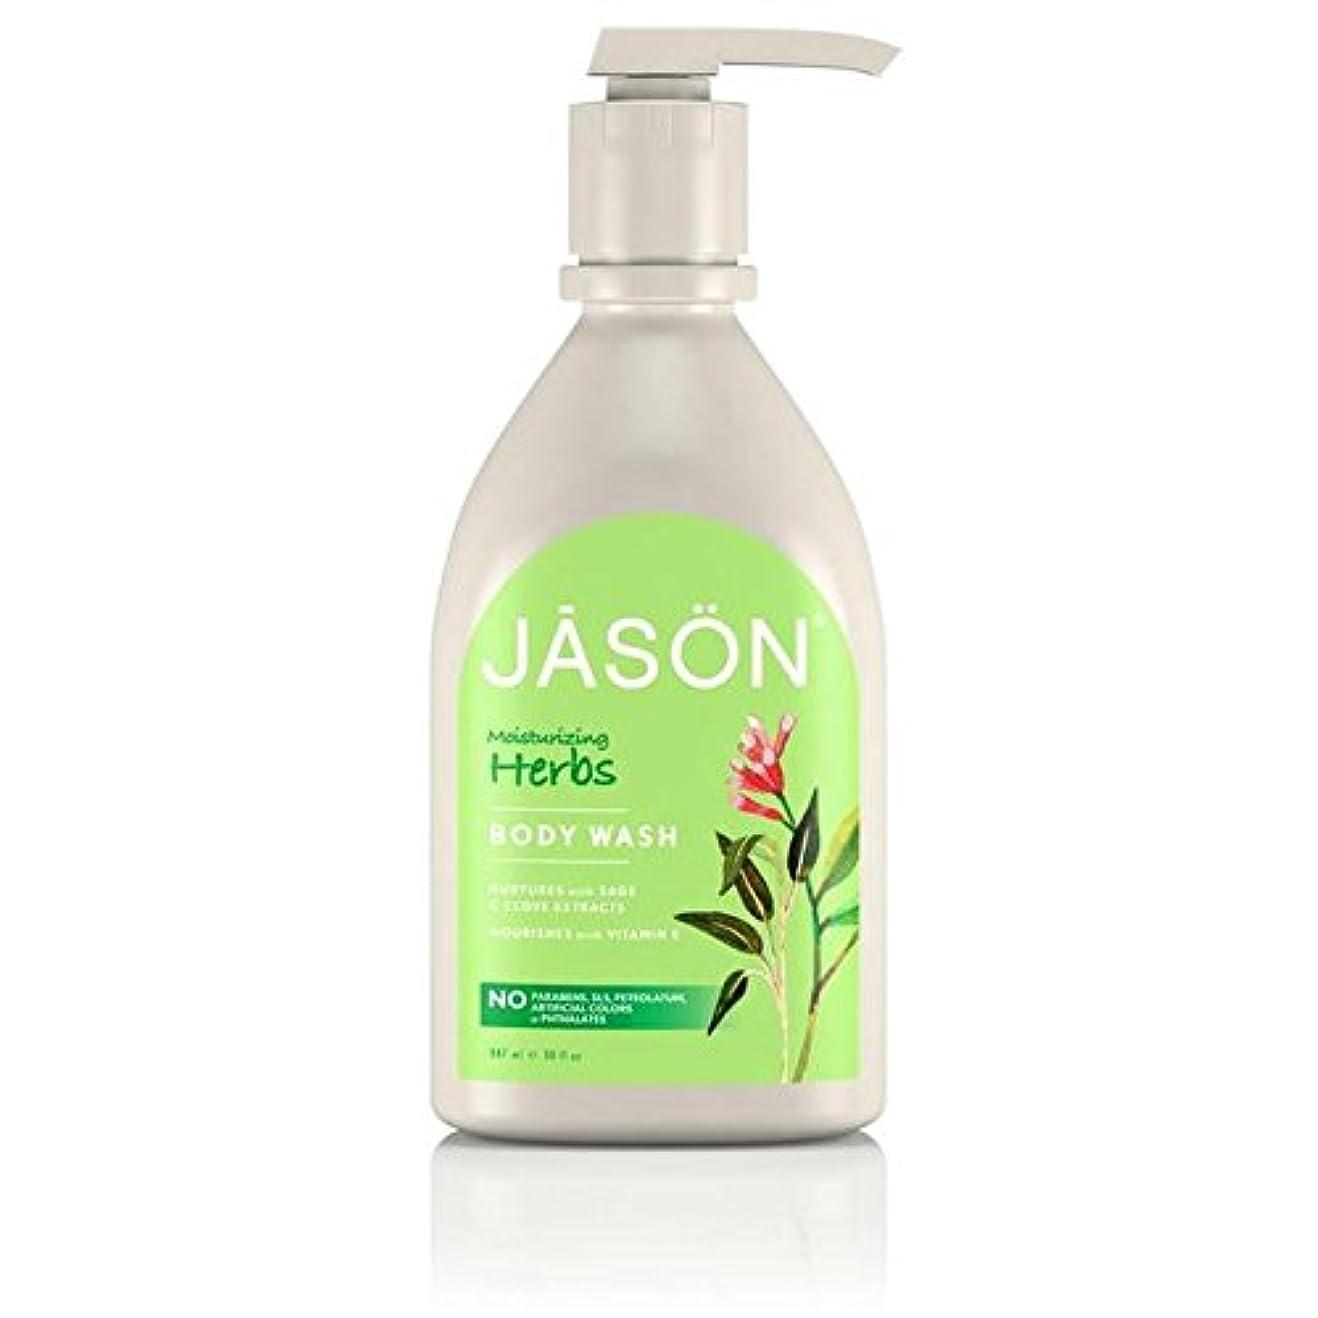 だますスコアオペラジェイソン?ハーブサテンボディウォッシュポンプ900ミリリットル x4 - Jason Herbal Satin Body Wash Pump 900ml (Pack of 4) [並行輸入品]